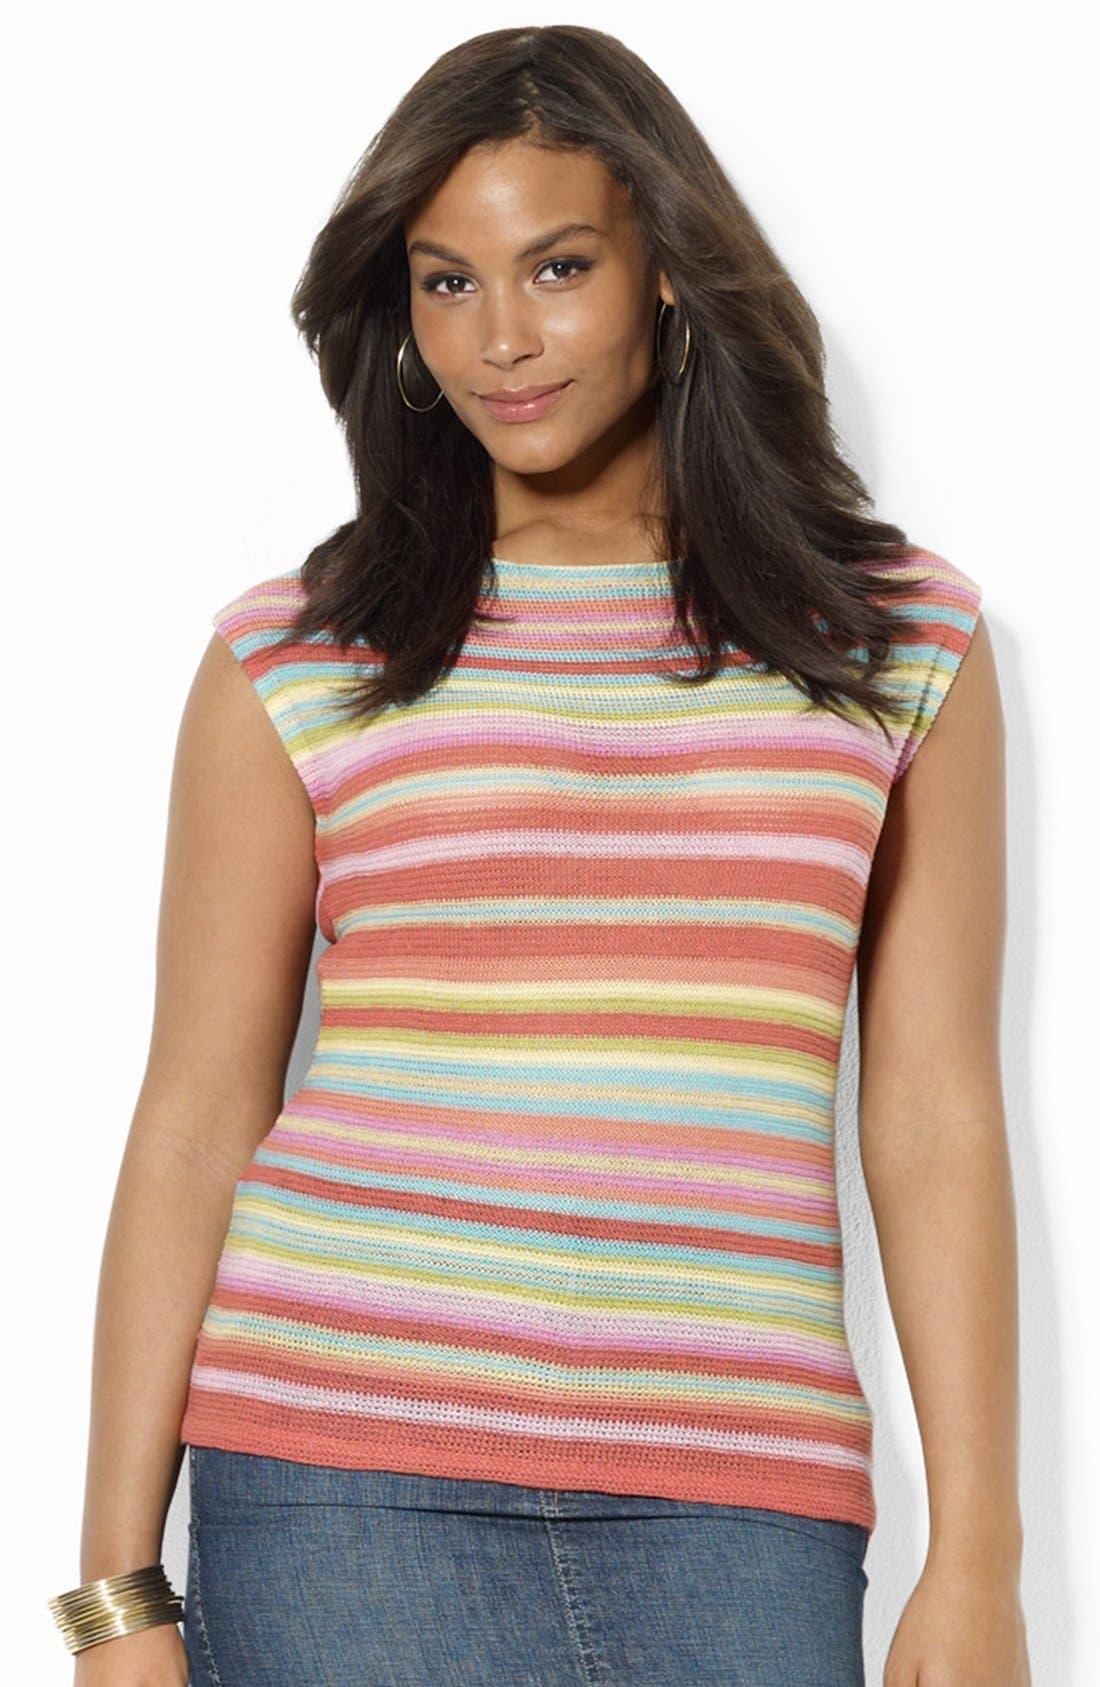 Alternate Image 1 Selected - Lauren Ralph Lauren Drop Shoulder Knit Top (Plus Size)